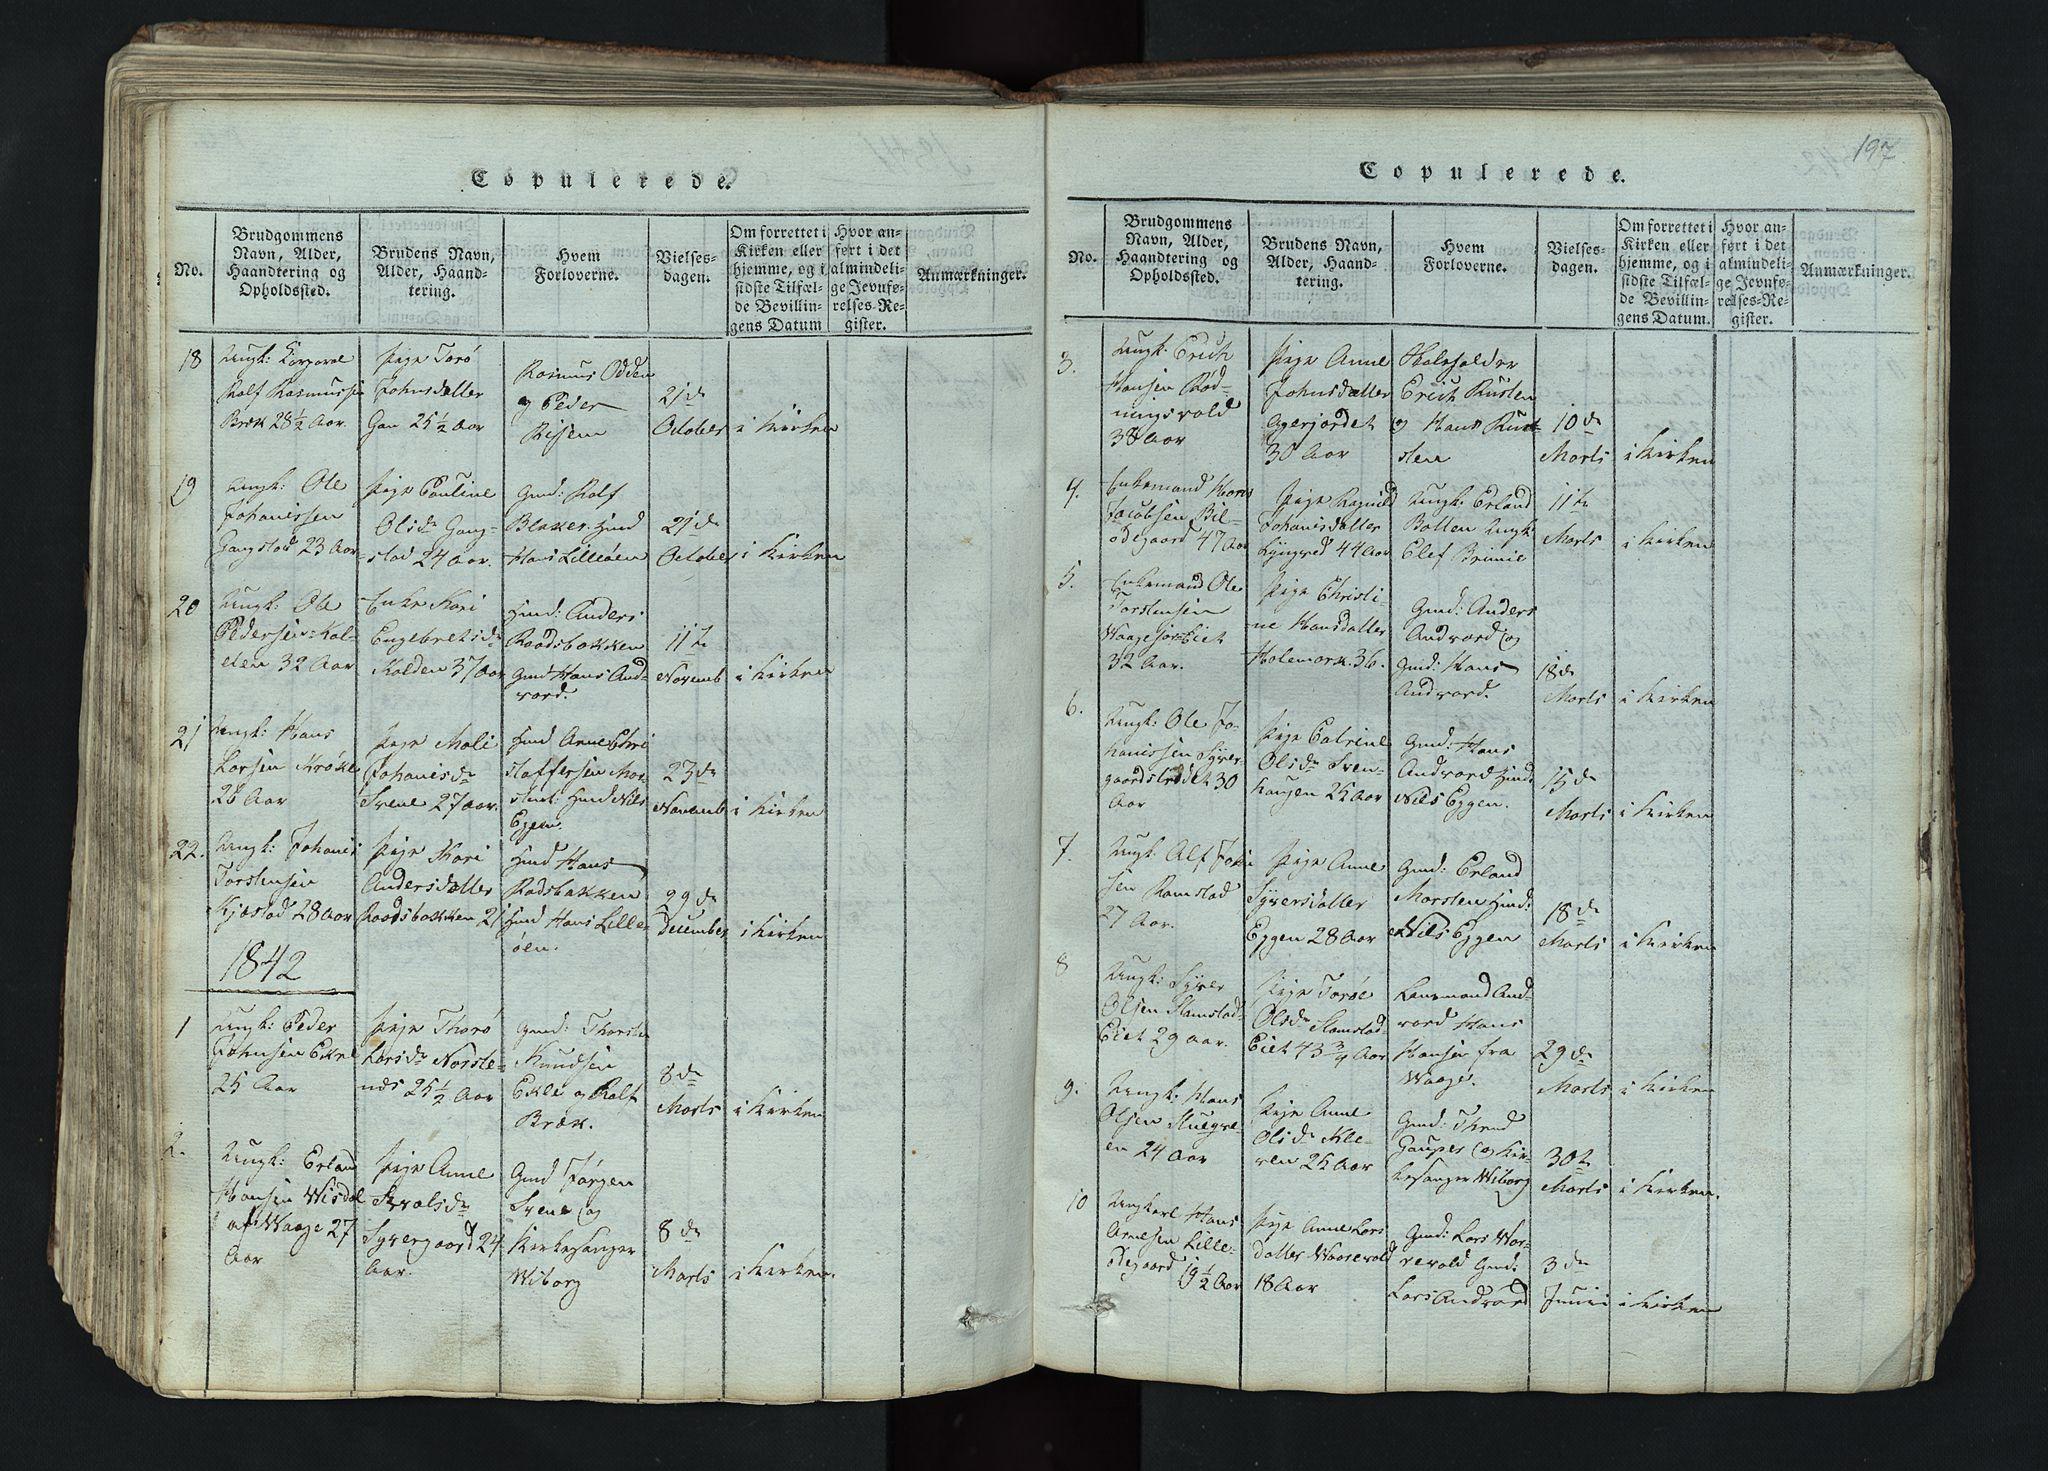 SAH, Lom prestekontor, L/L0002: Klokkerbok nr. 2, 1815-1844, s. 197